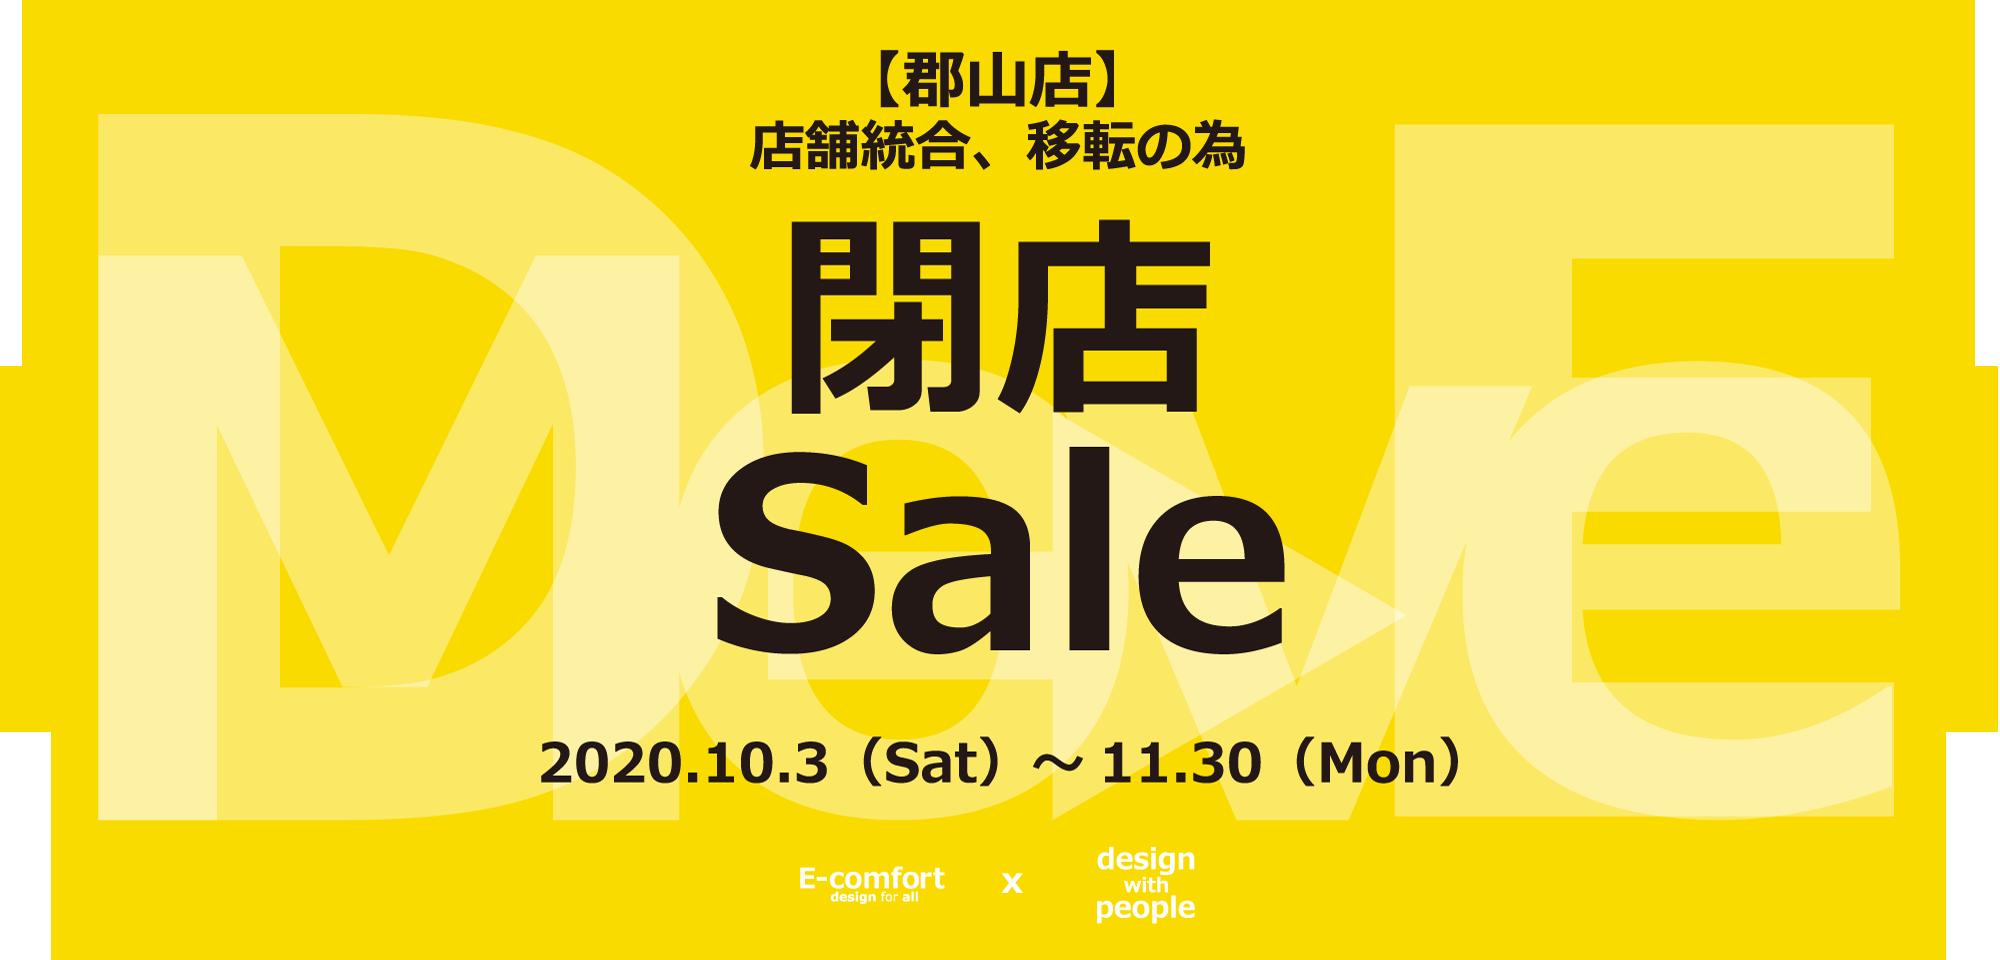 店舗統合・移転の為 閉店saleを開催します 2020.10.3(sat)~11.30(mon)